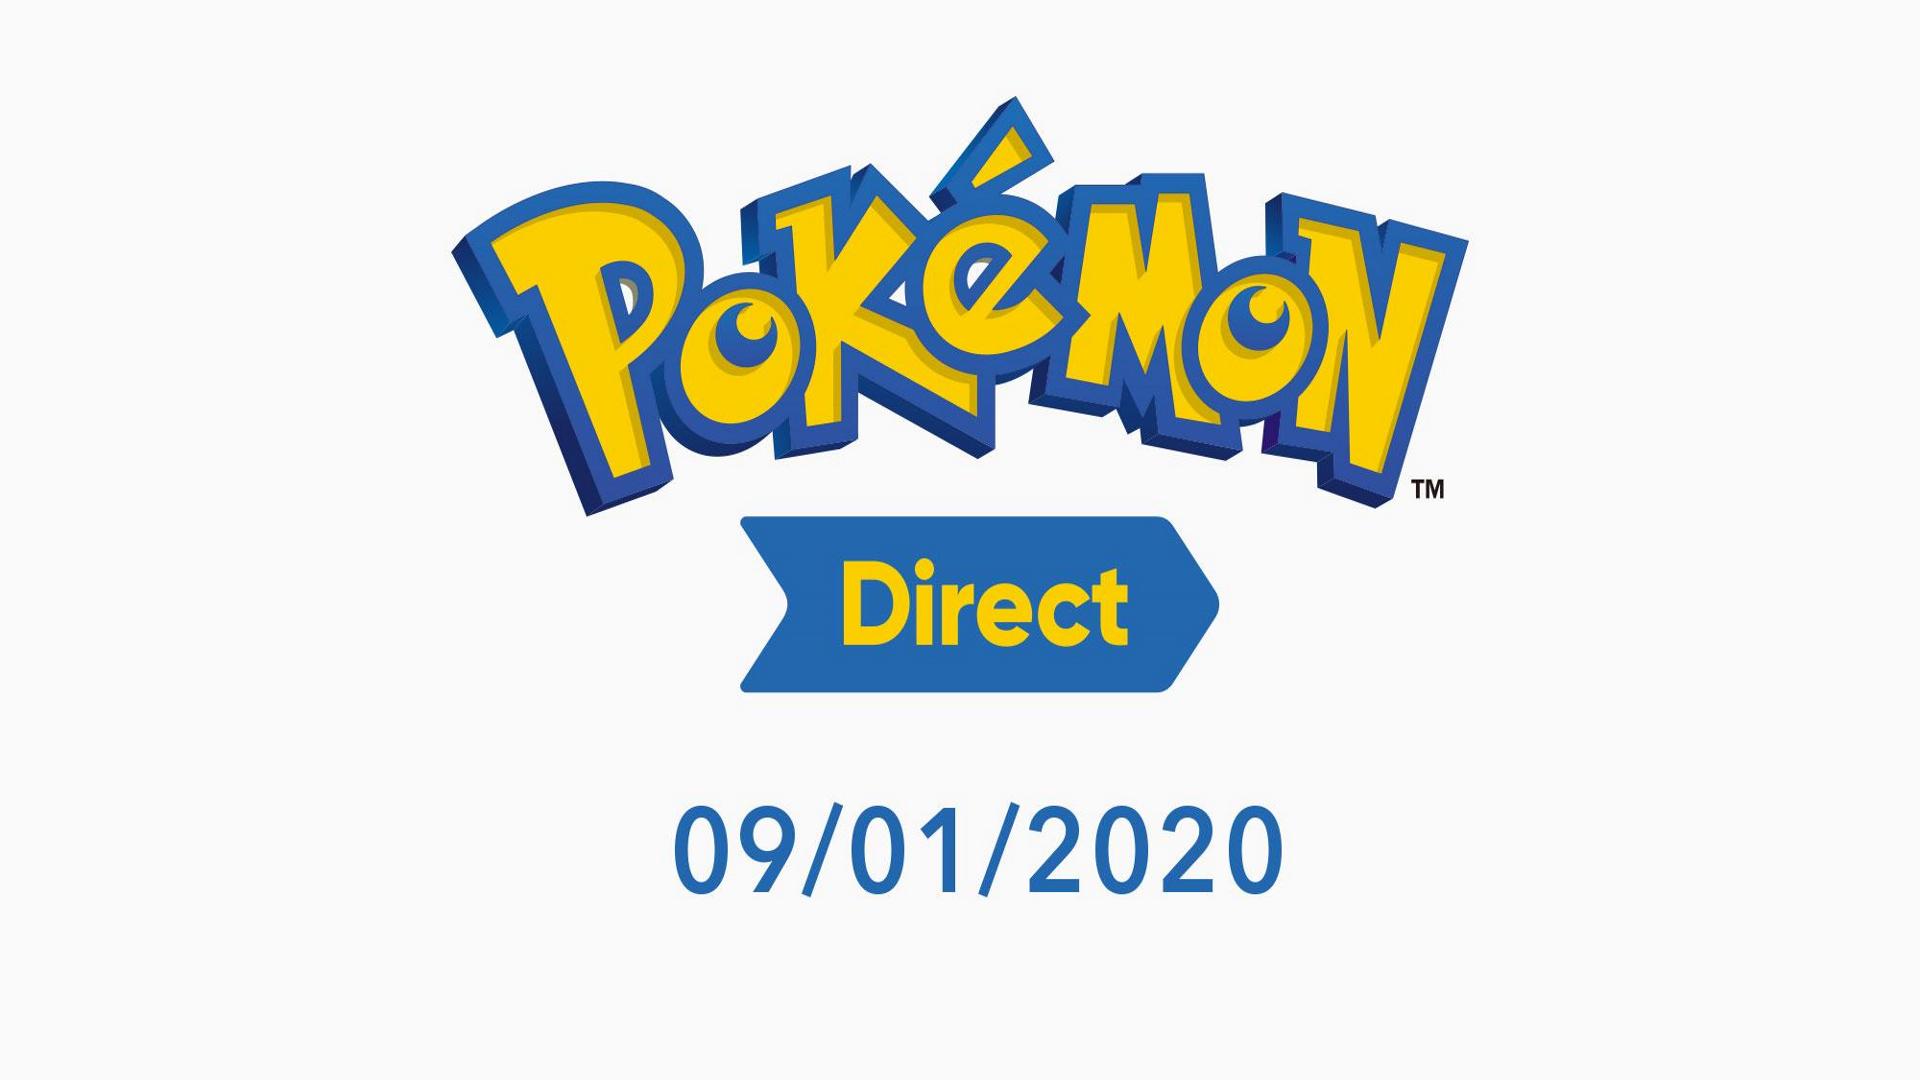 [VIDEO] Pokémon Direct del 09/01/2020 in diretta